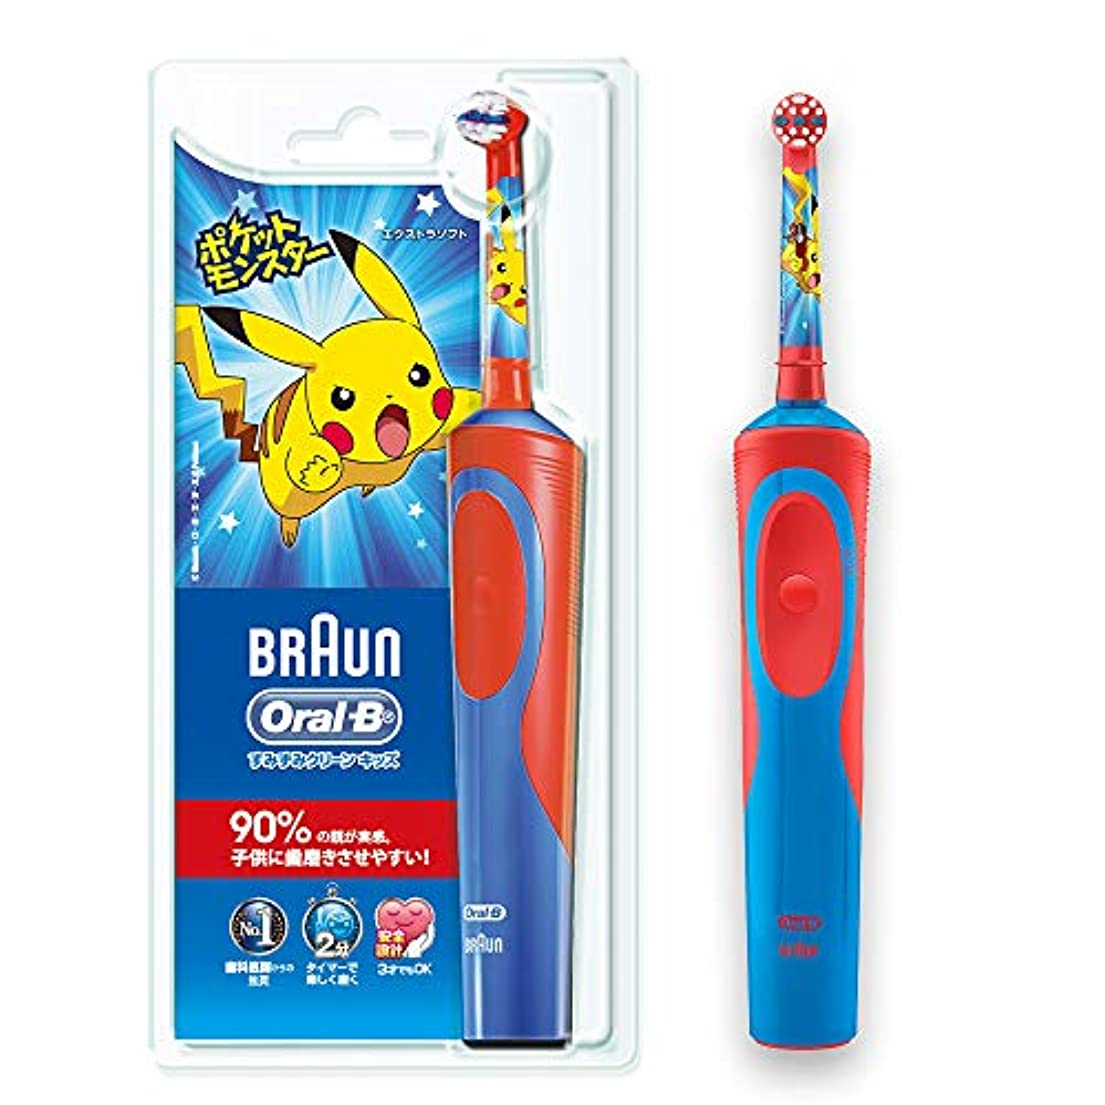 部分商標部分ブラウン オーラルB 電動歯ブラシ 子供用 D12513KPKMB すみずみクリーンキッズ 本体 レッド ポケモン 歯ブラシ